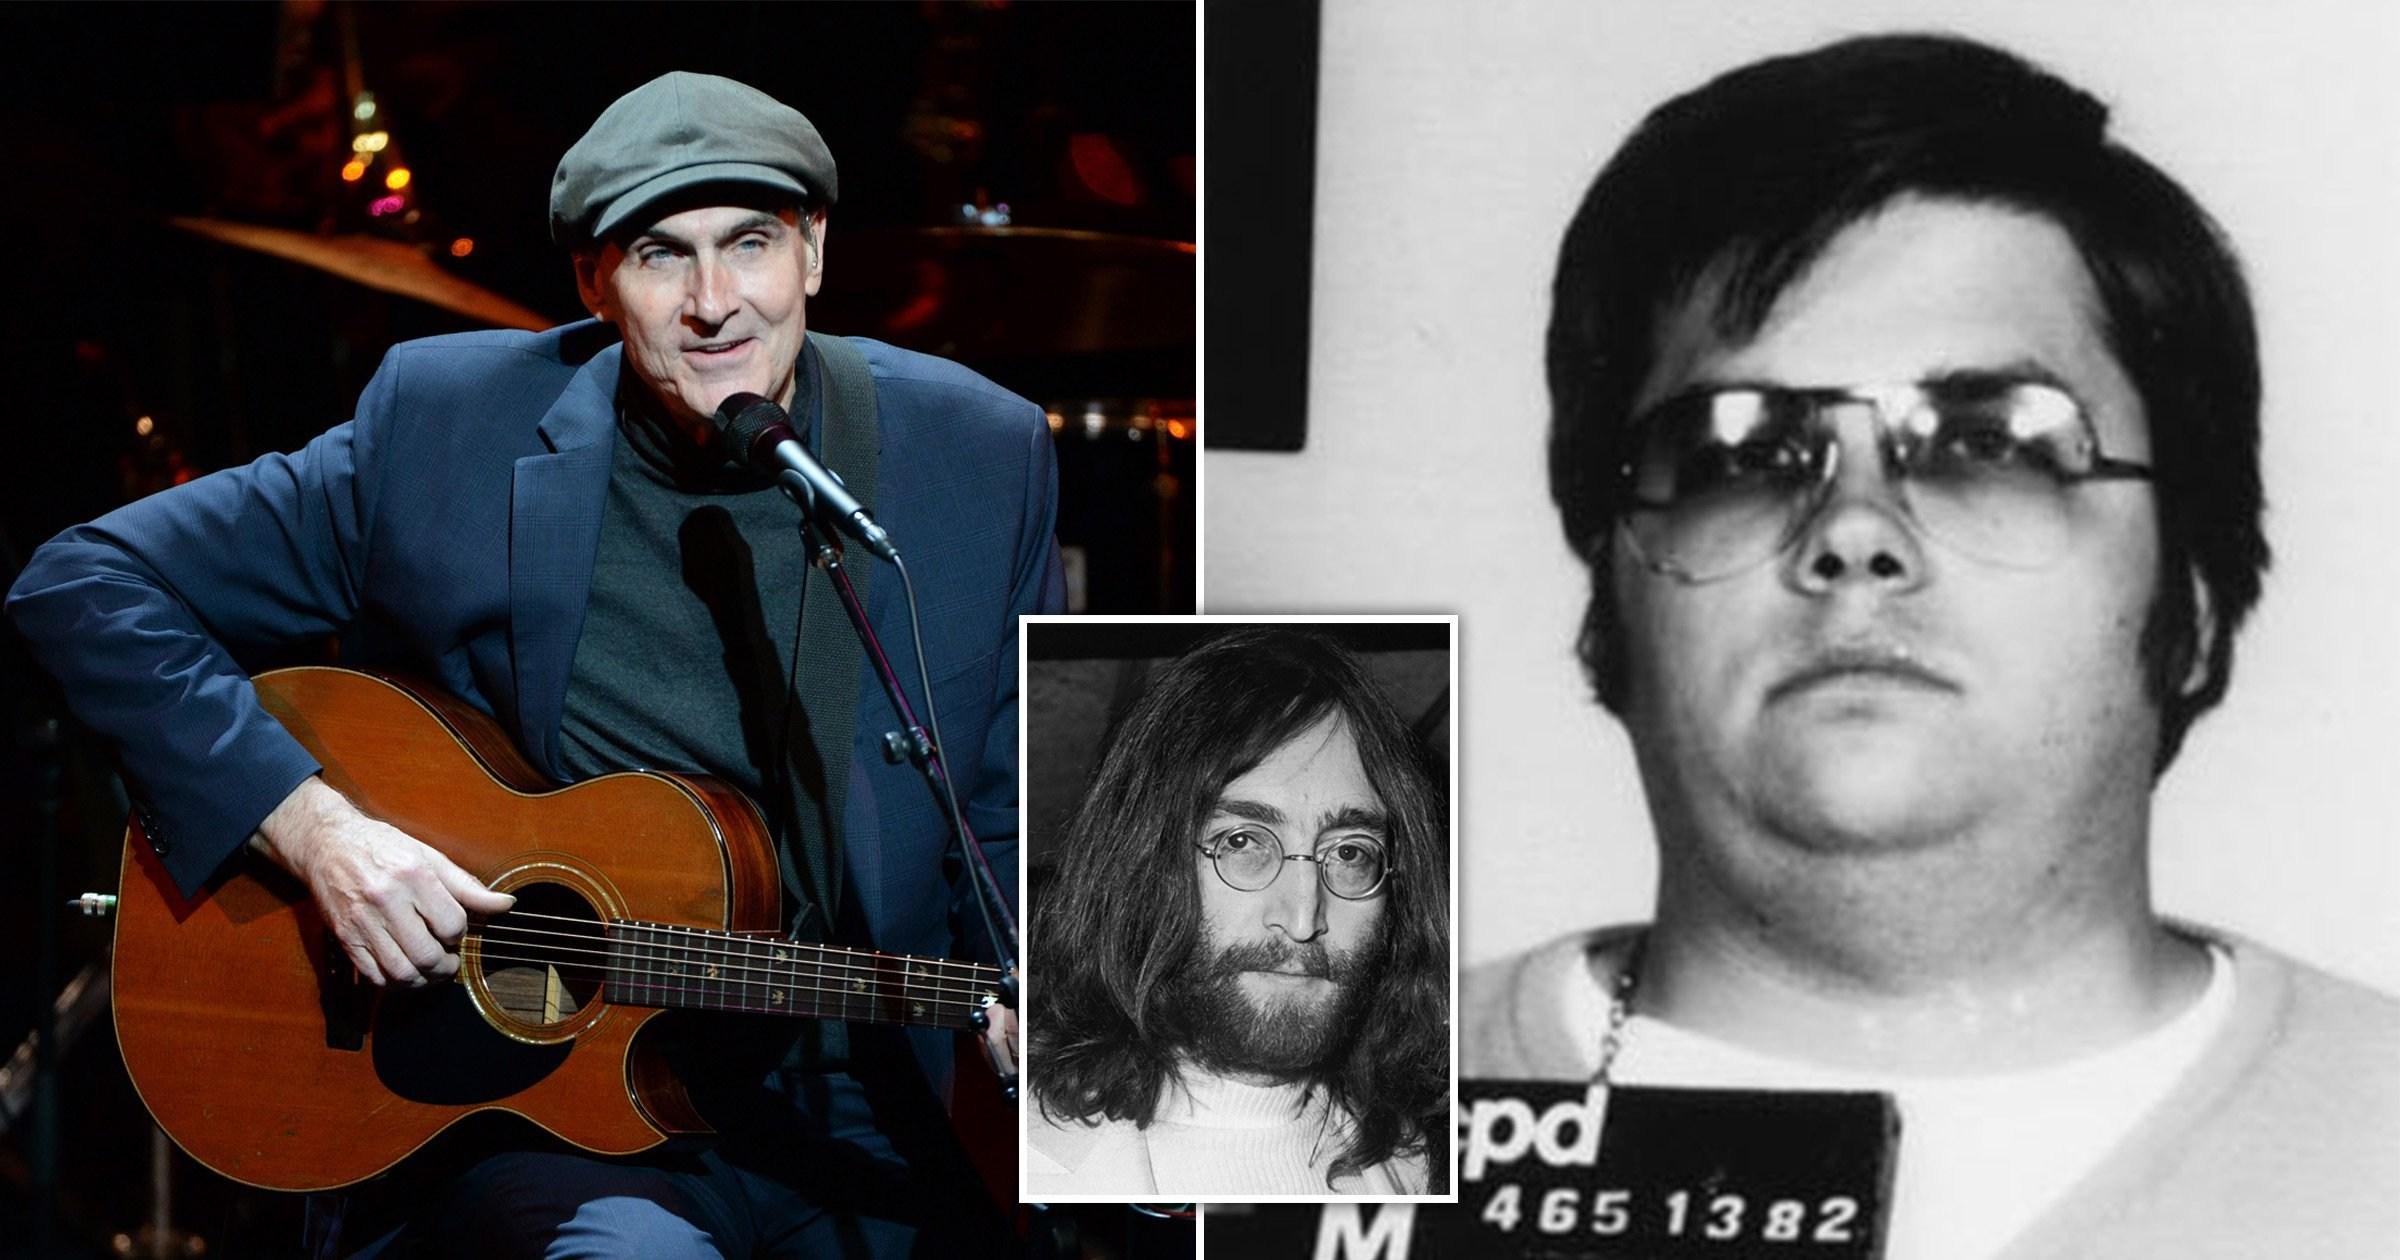 John Lennon death: James Taylor recalls unsettling moment he met singer's killer day before he murdered Beatles icon